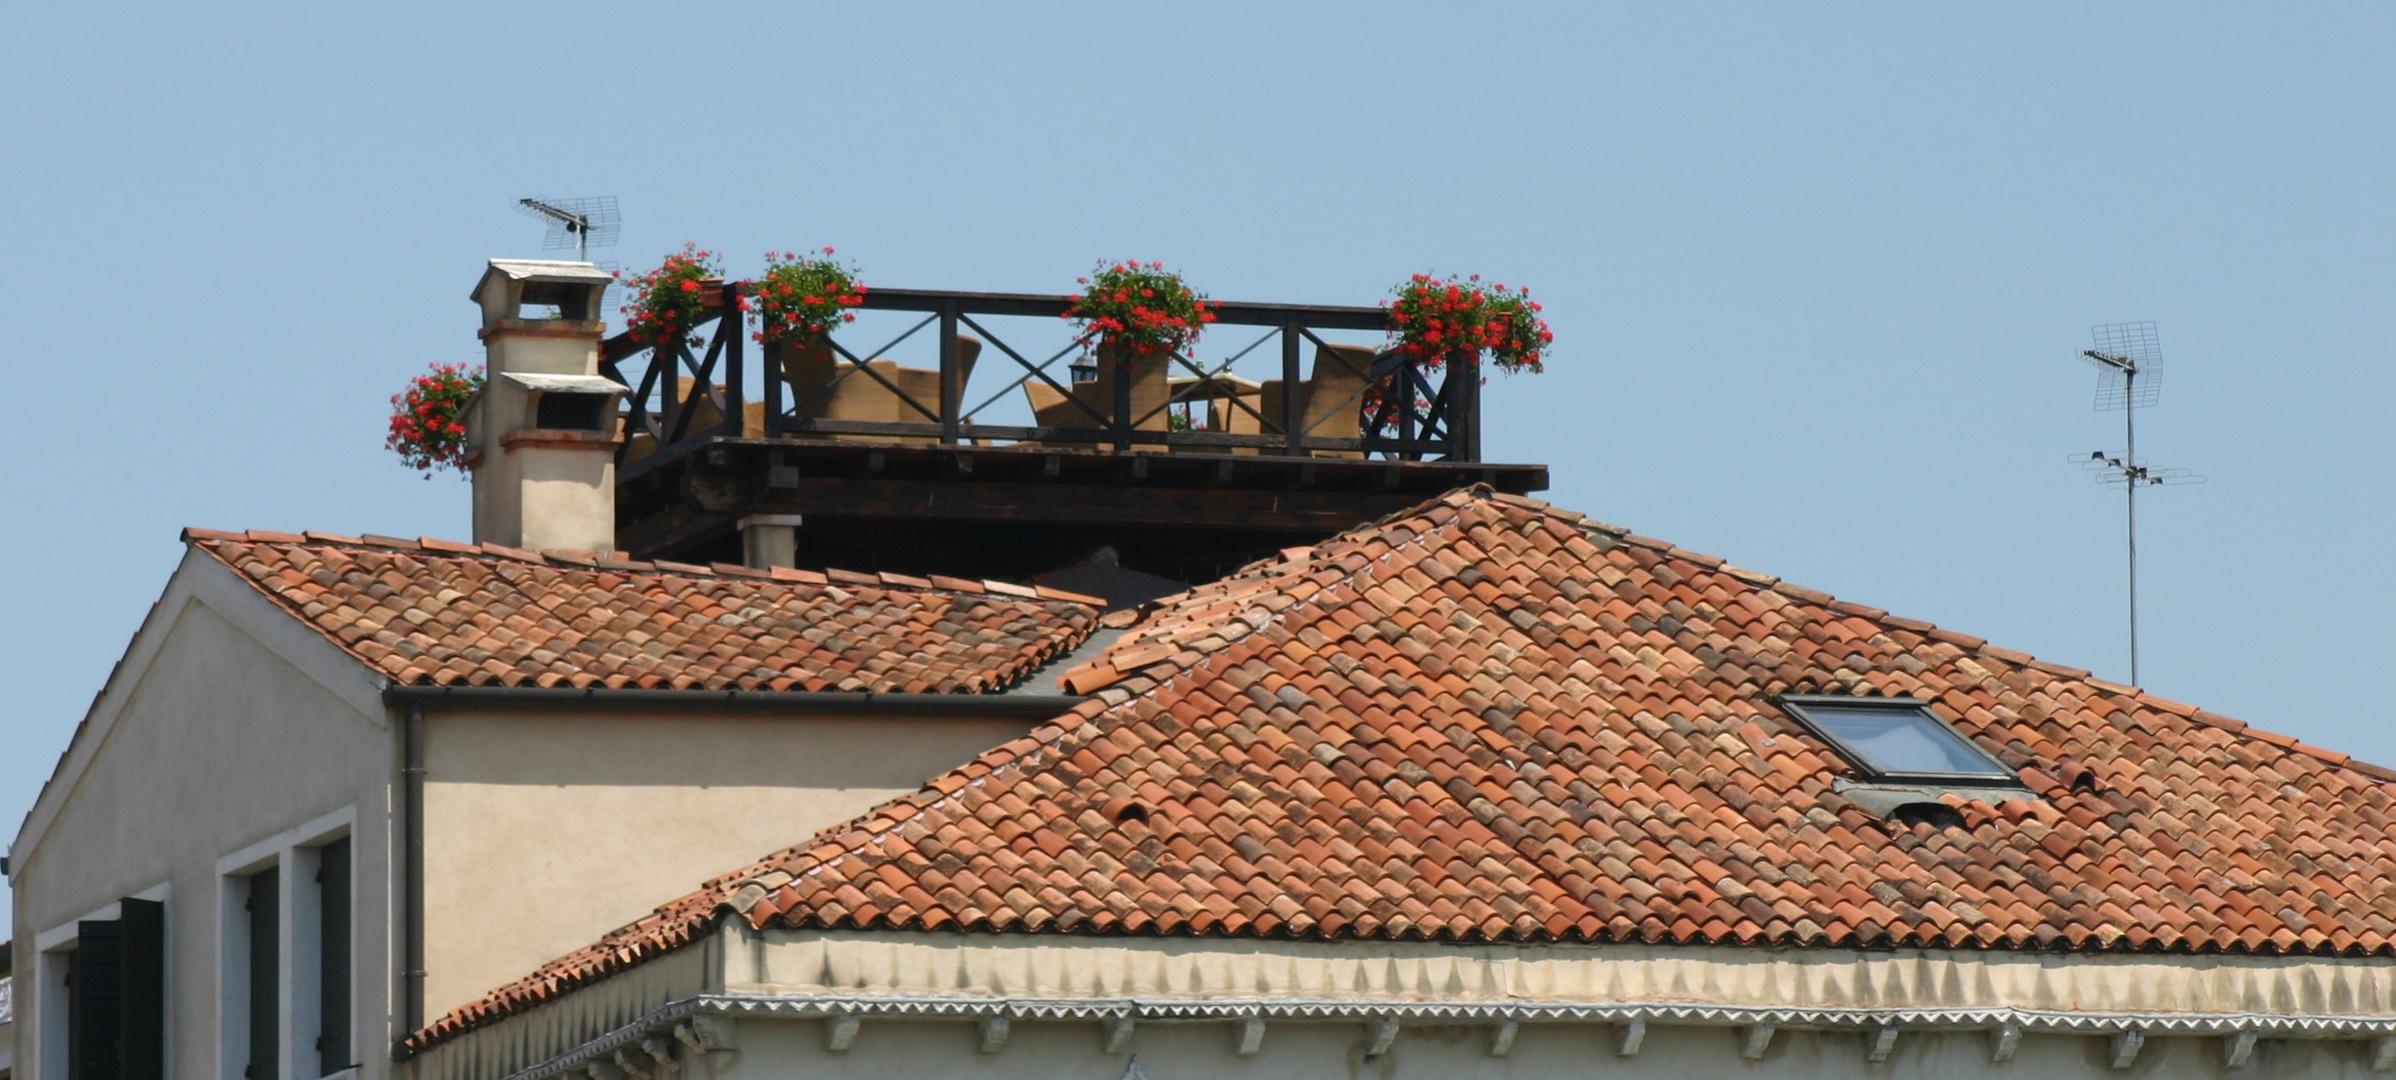 gute Aussicht in Veneto